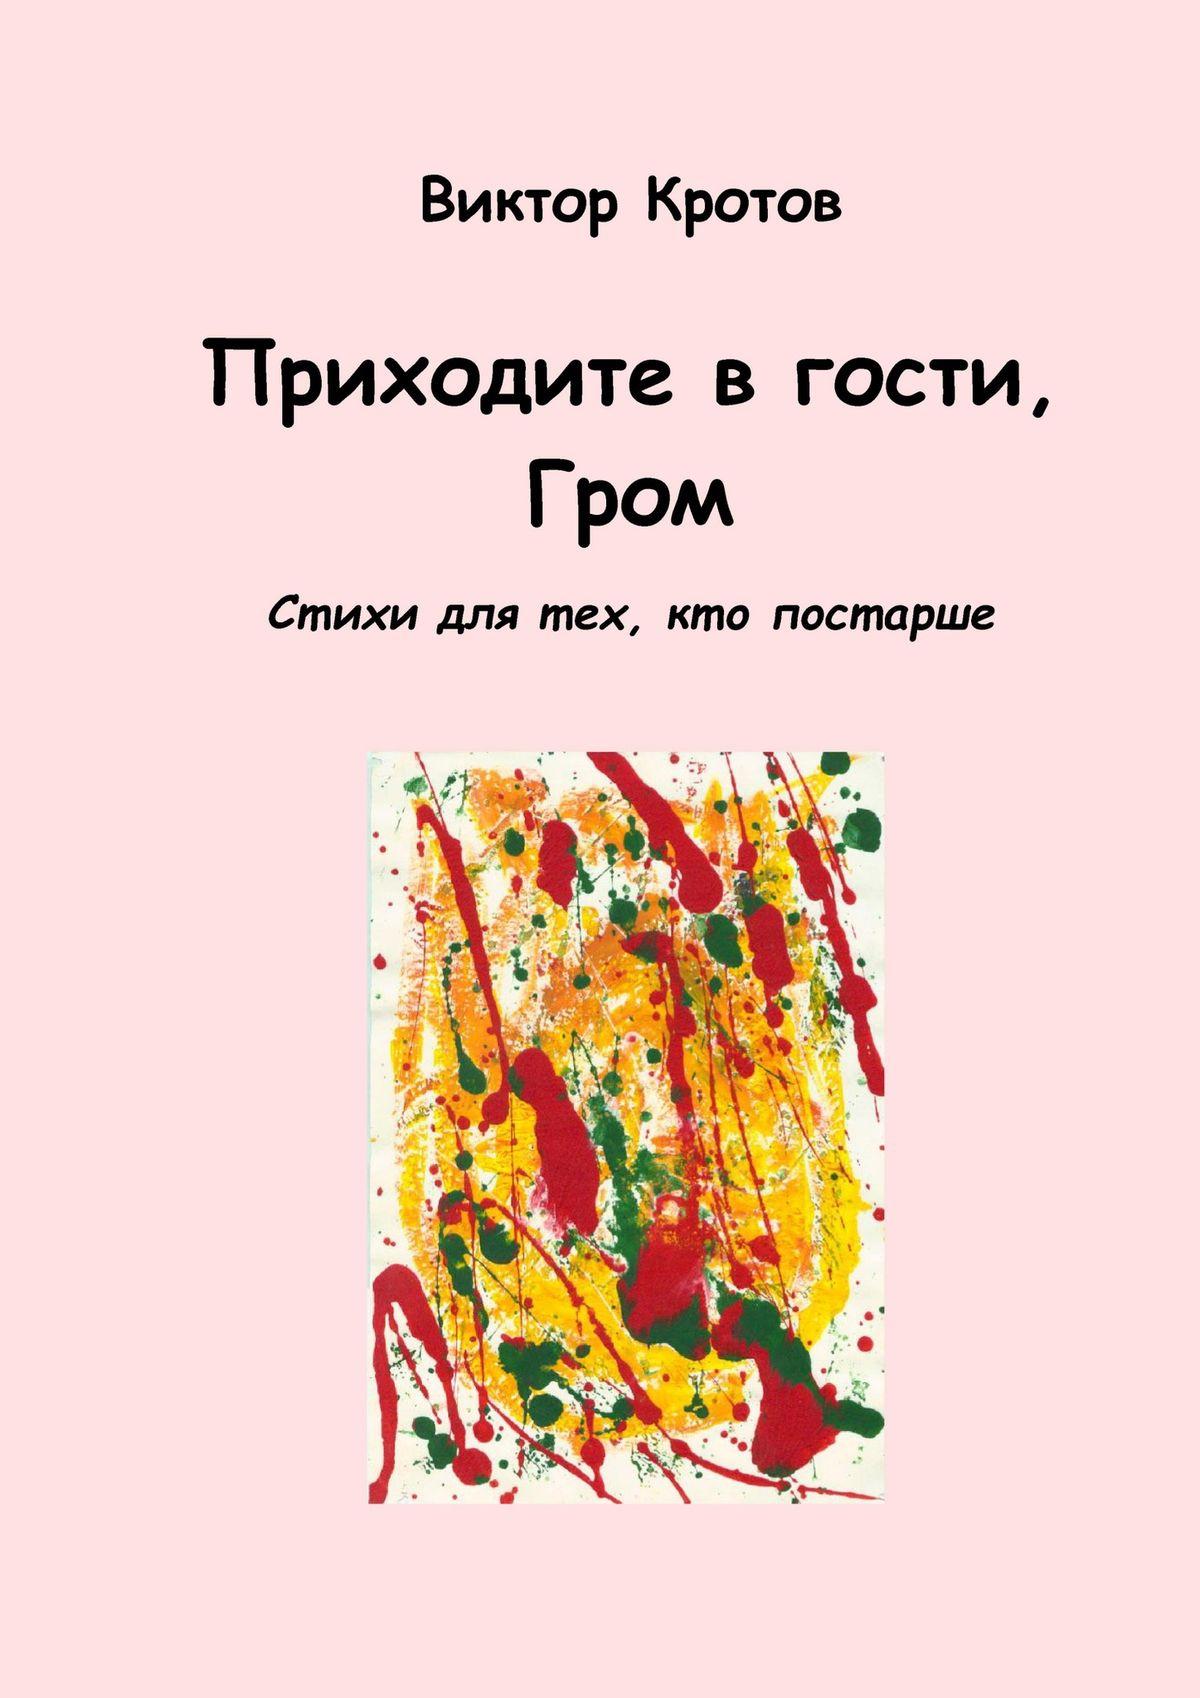 Виктор Кротов Приходите в гости, Гром. Стихи для тех, кто постарше виктор кротов словесные забавы стихи для тех кто постарше